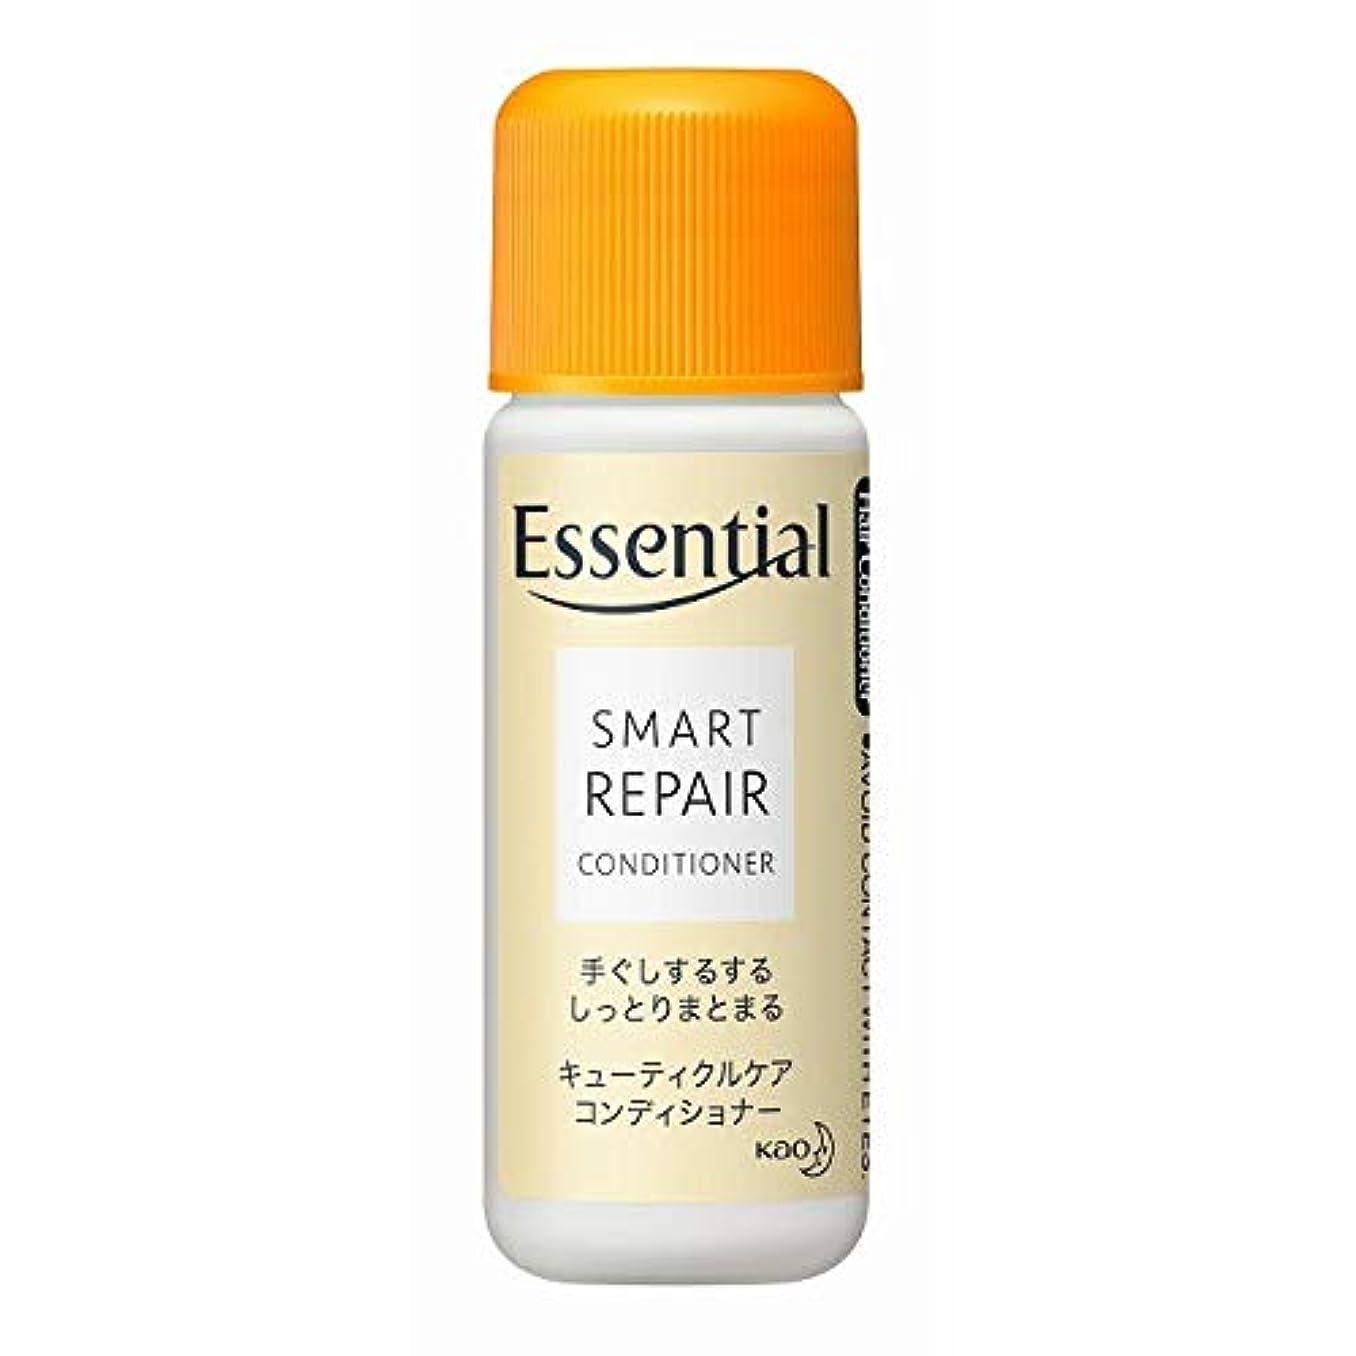 本物の小さい噴出する花王 エッセンシャル(Essential) しっとりツヤ髪 コンディショナー 業務用 ミニボトル 16mL×360個